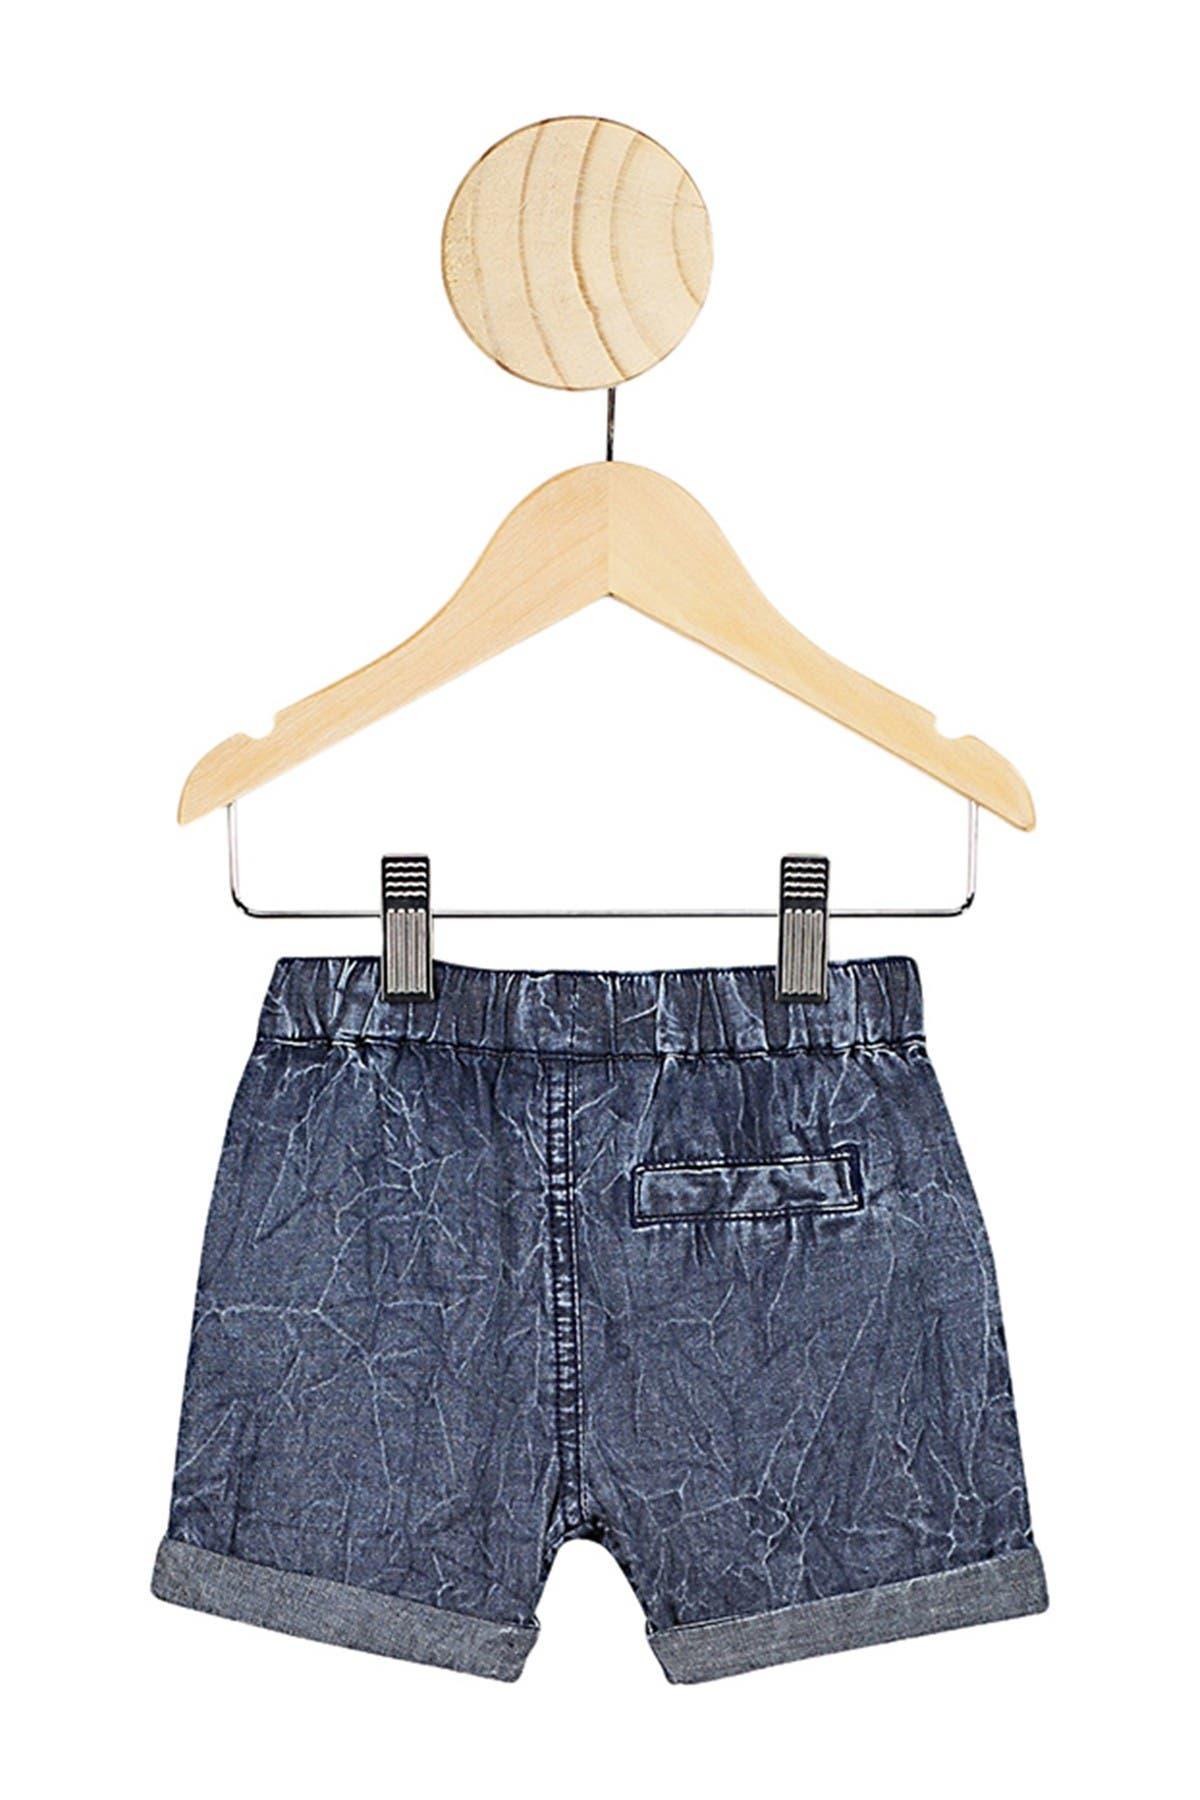 Image of Cotton On Domenic Denim Wash Shorts